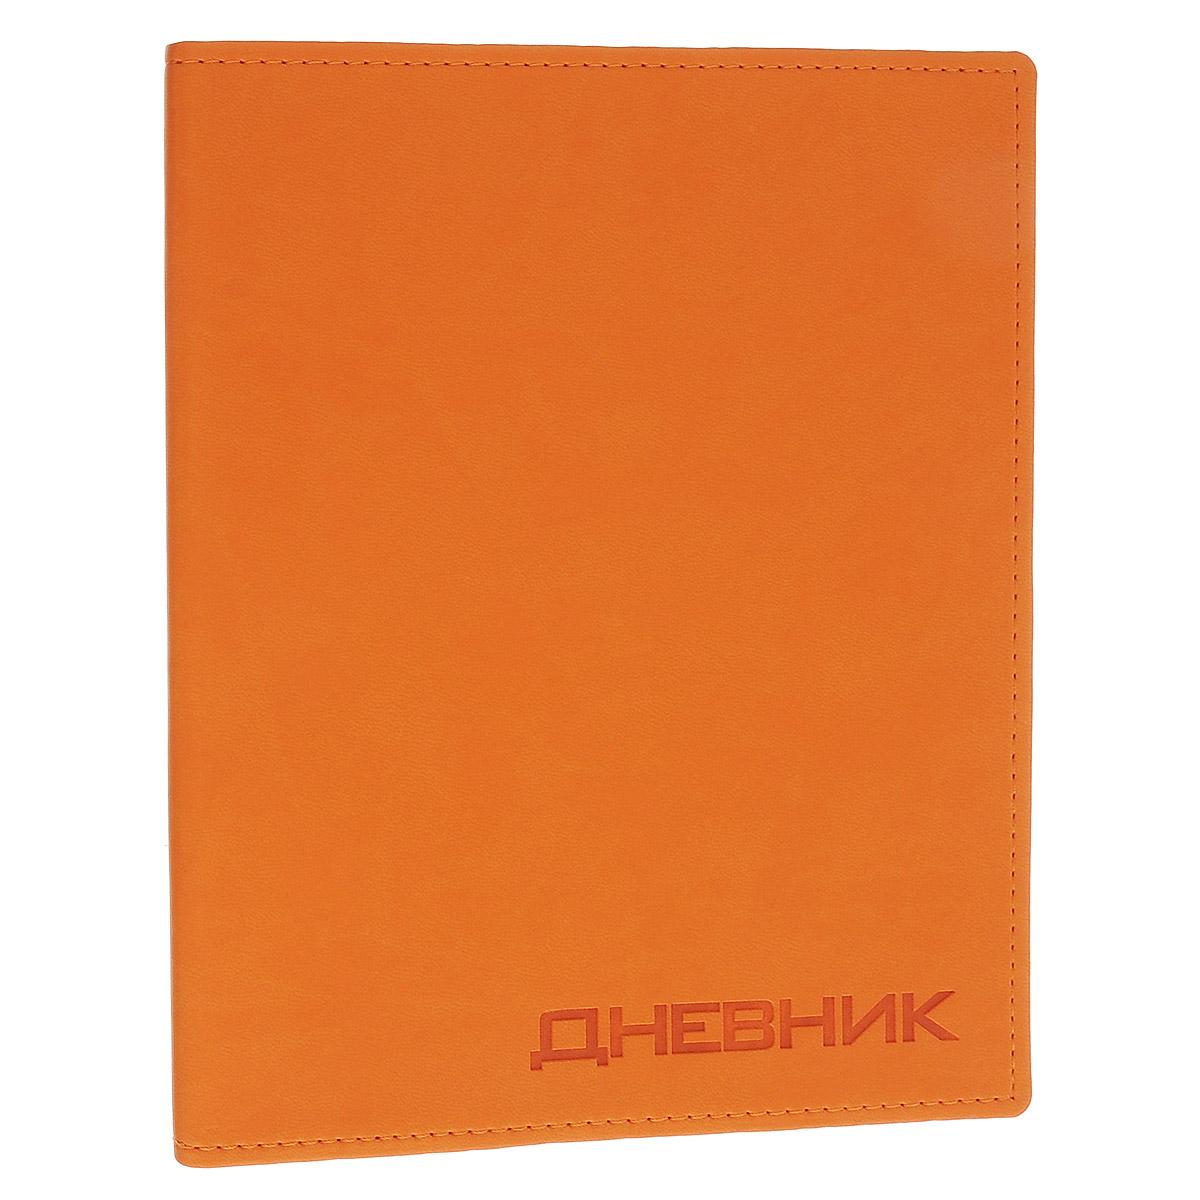 Дневник школьный Триумф Вивелла, цвет: оранжевый1300-38Школьный дневник Триумф Вивелла - первый ежедневник вашего ребенка. Он поможет ему не забыть свои задания, а вы всегда сможете проконтролировать его успеваемость.Гибкая, высокопрочная интегральная обложка с закругленными углами прошита по периметру. Надпись нанесена путем вдавленного термотиснения и темнее основного цвета обложки, крепление сшитое. На разворотах под обложкой дневник дополнен политической и физической картой России. Внутренний блок выполнен из качественной бумаги кремового цвета с четкой линовкой темно-серого цвета. В структуру дневника входят все необходимые разделы: информация о школе и педагогах, расписание занятий и факультативов по четвертям. На последней странице для итоговых оценок незаполненные графы изучаемых предметов.